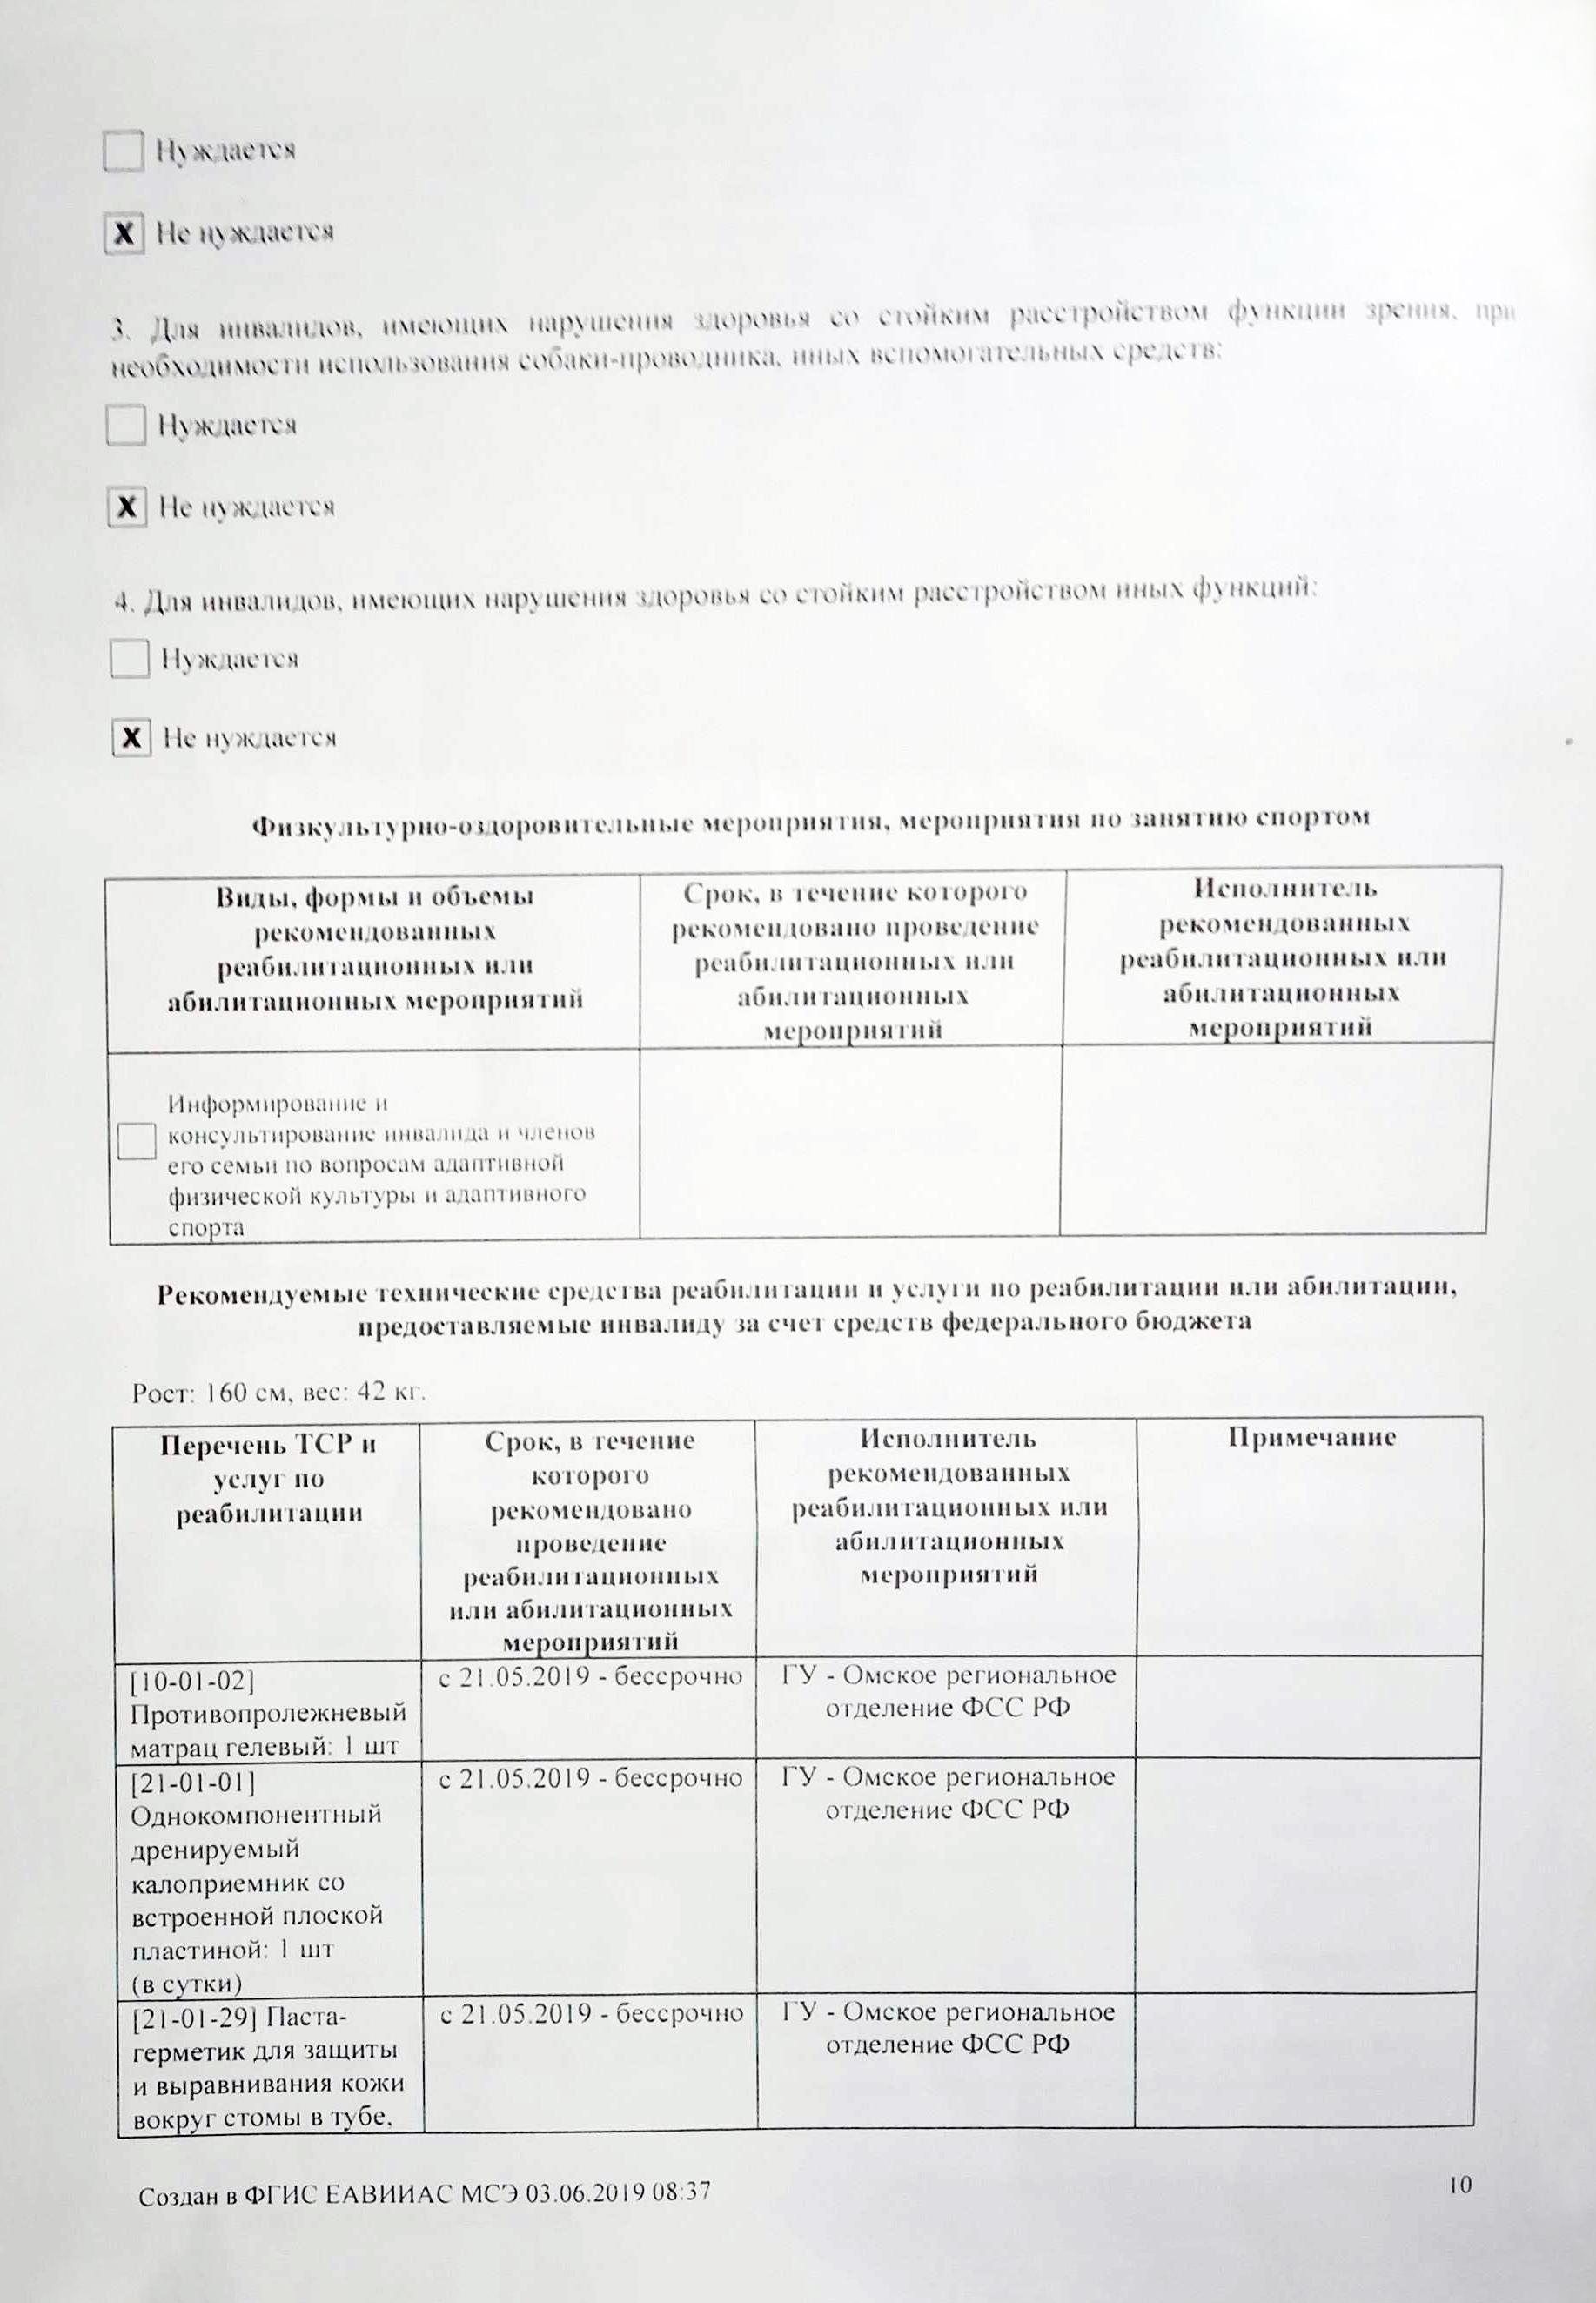 В разделах ИПРА «Рекомендуемые технические средства реабилитации» и «ТСР и услуги по реабилитации» прописано, что должны дать инвалиду